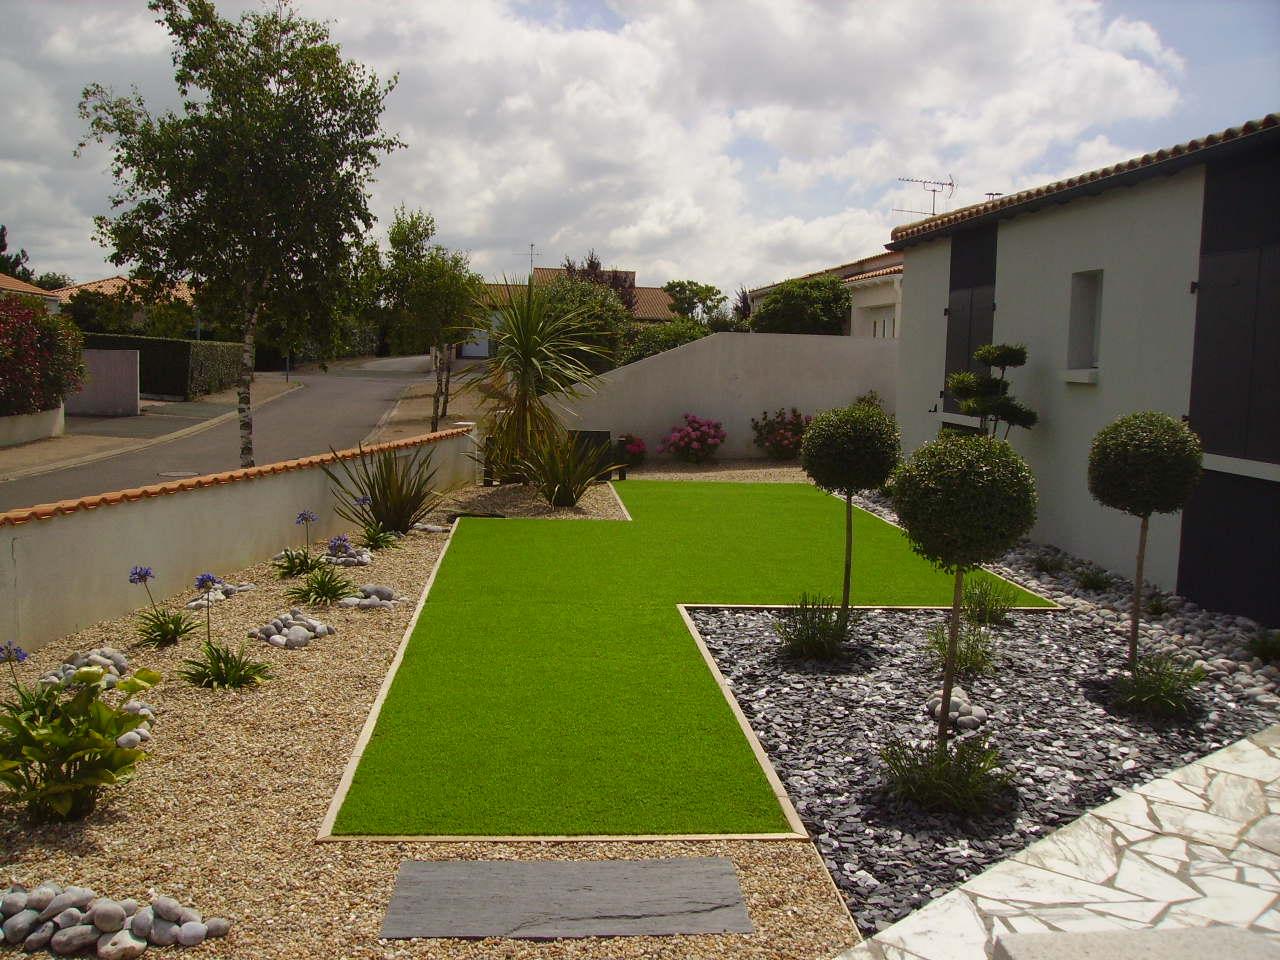 jardin contemporain chateau d 39 olonne ecce terra paysagiste pays des olonnes ecce terra. Black Bedroom Furniture Sets. Home Design Ideas